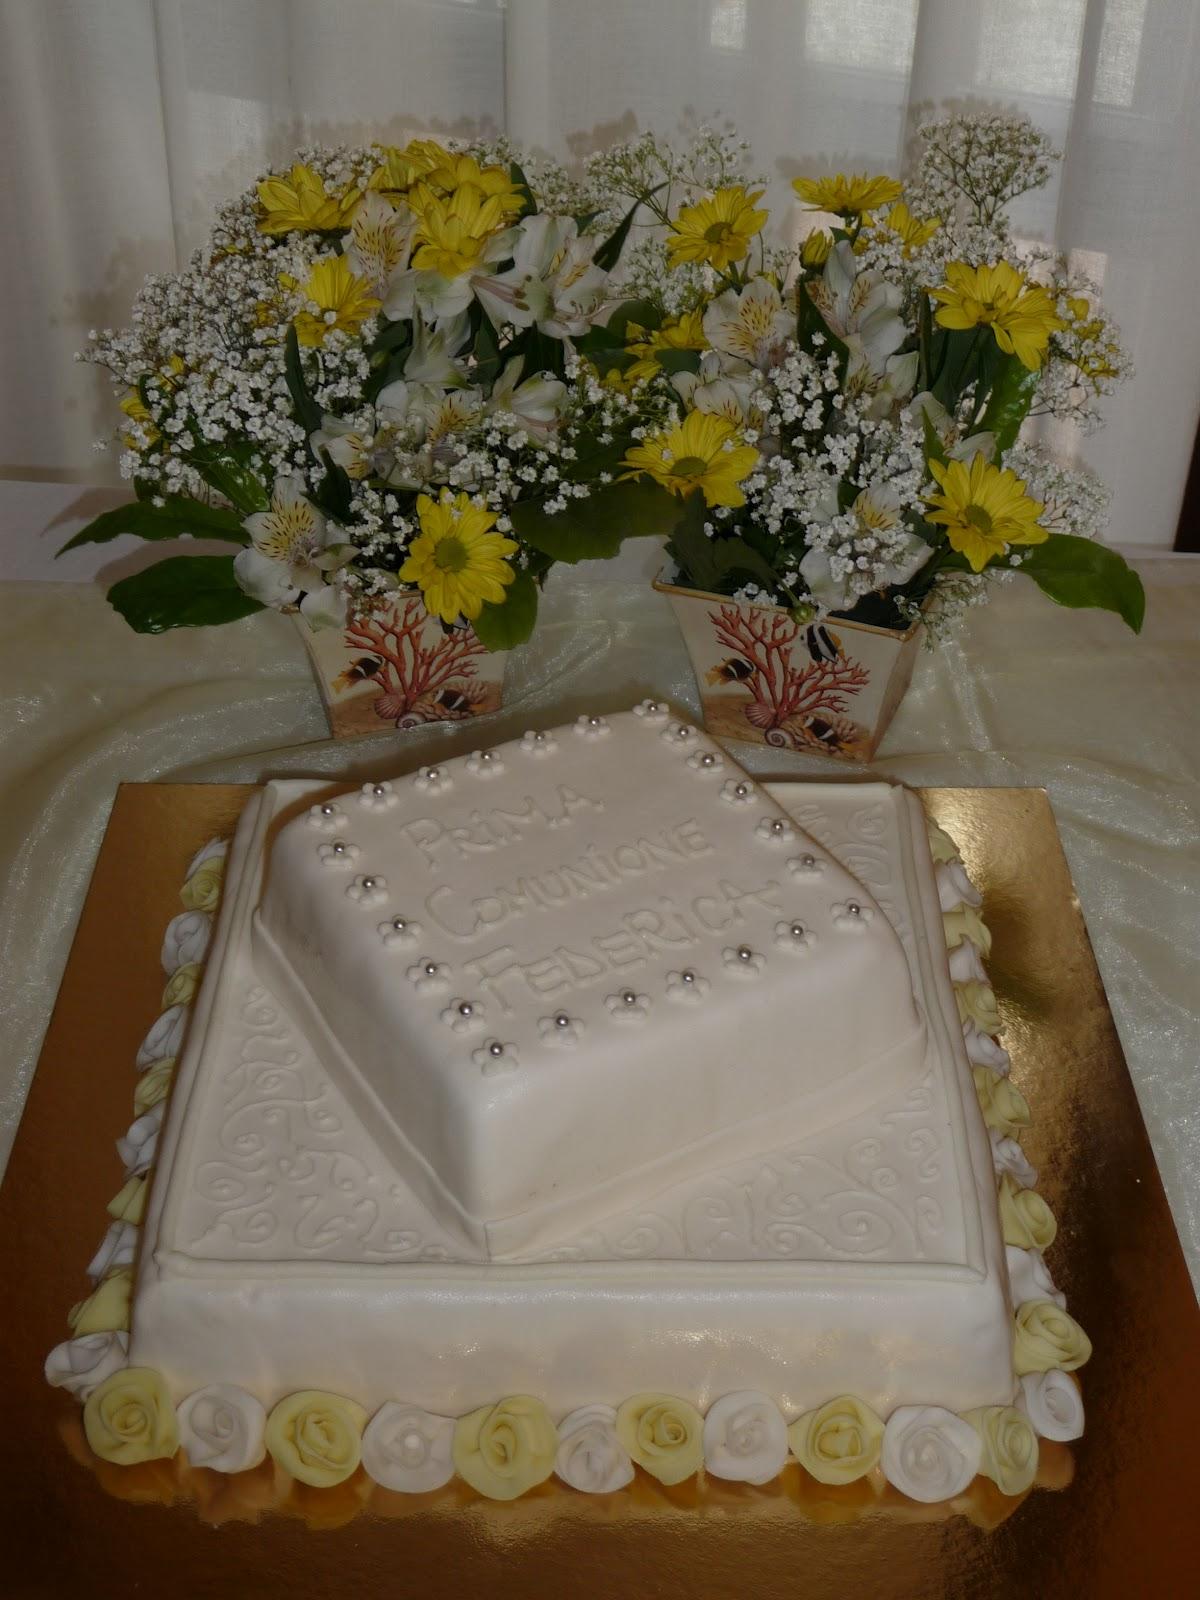 Le torte di ross maggio 2012 for Decorazione torte prima comunione